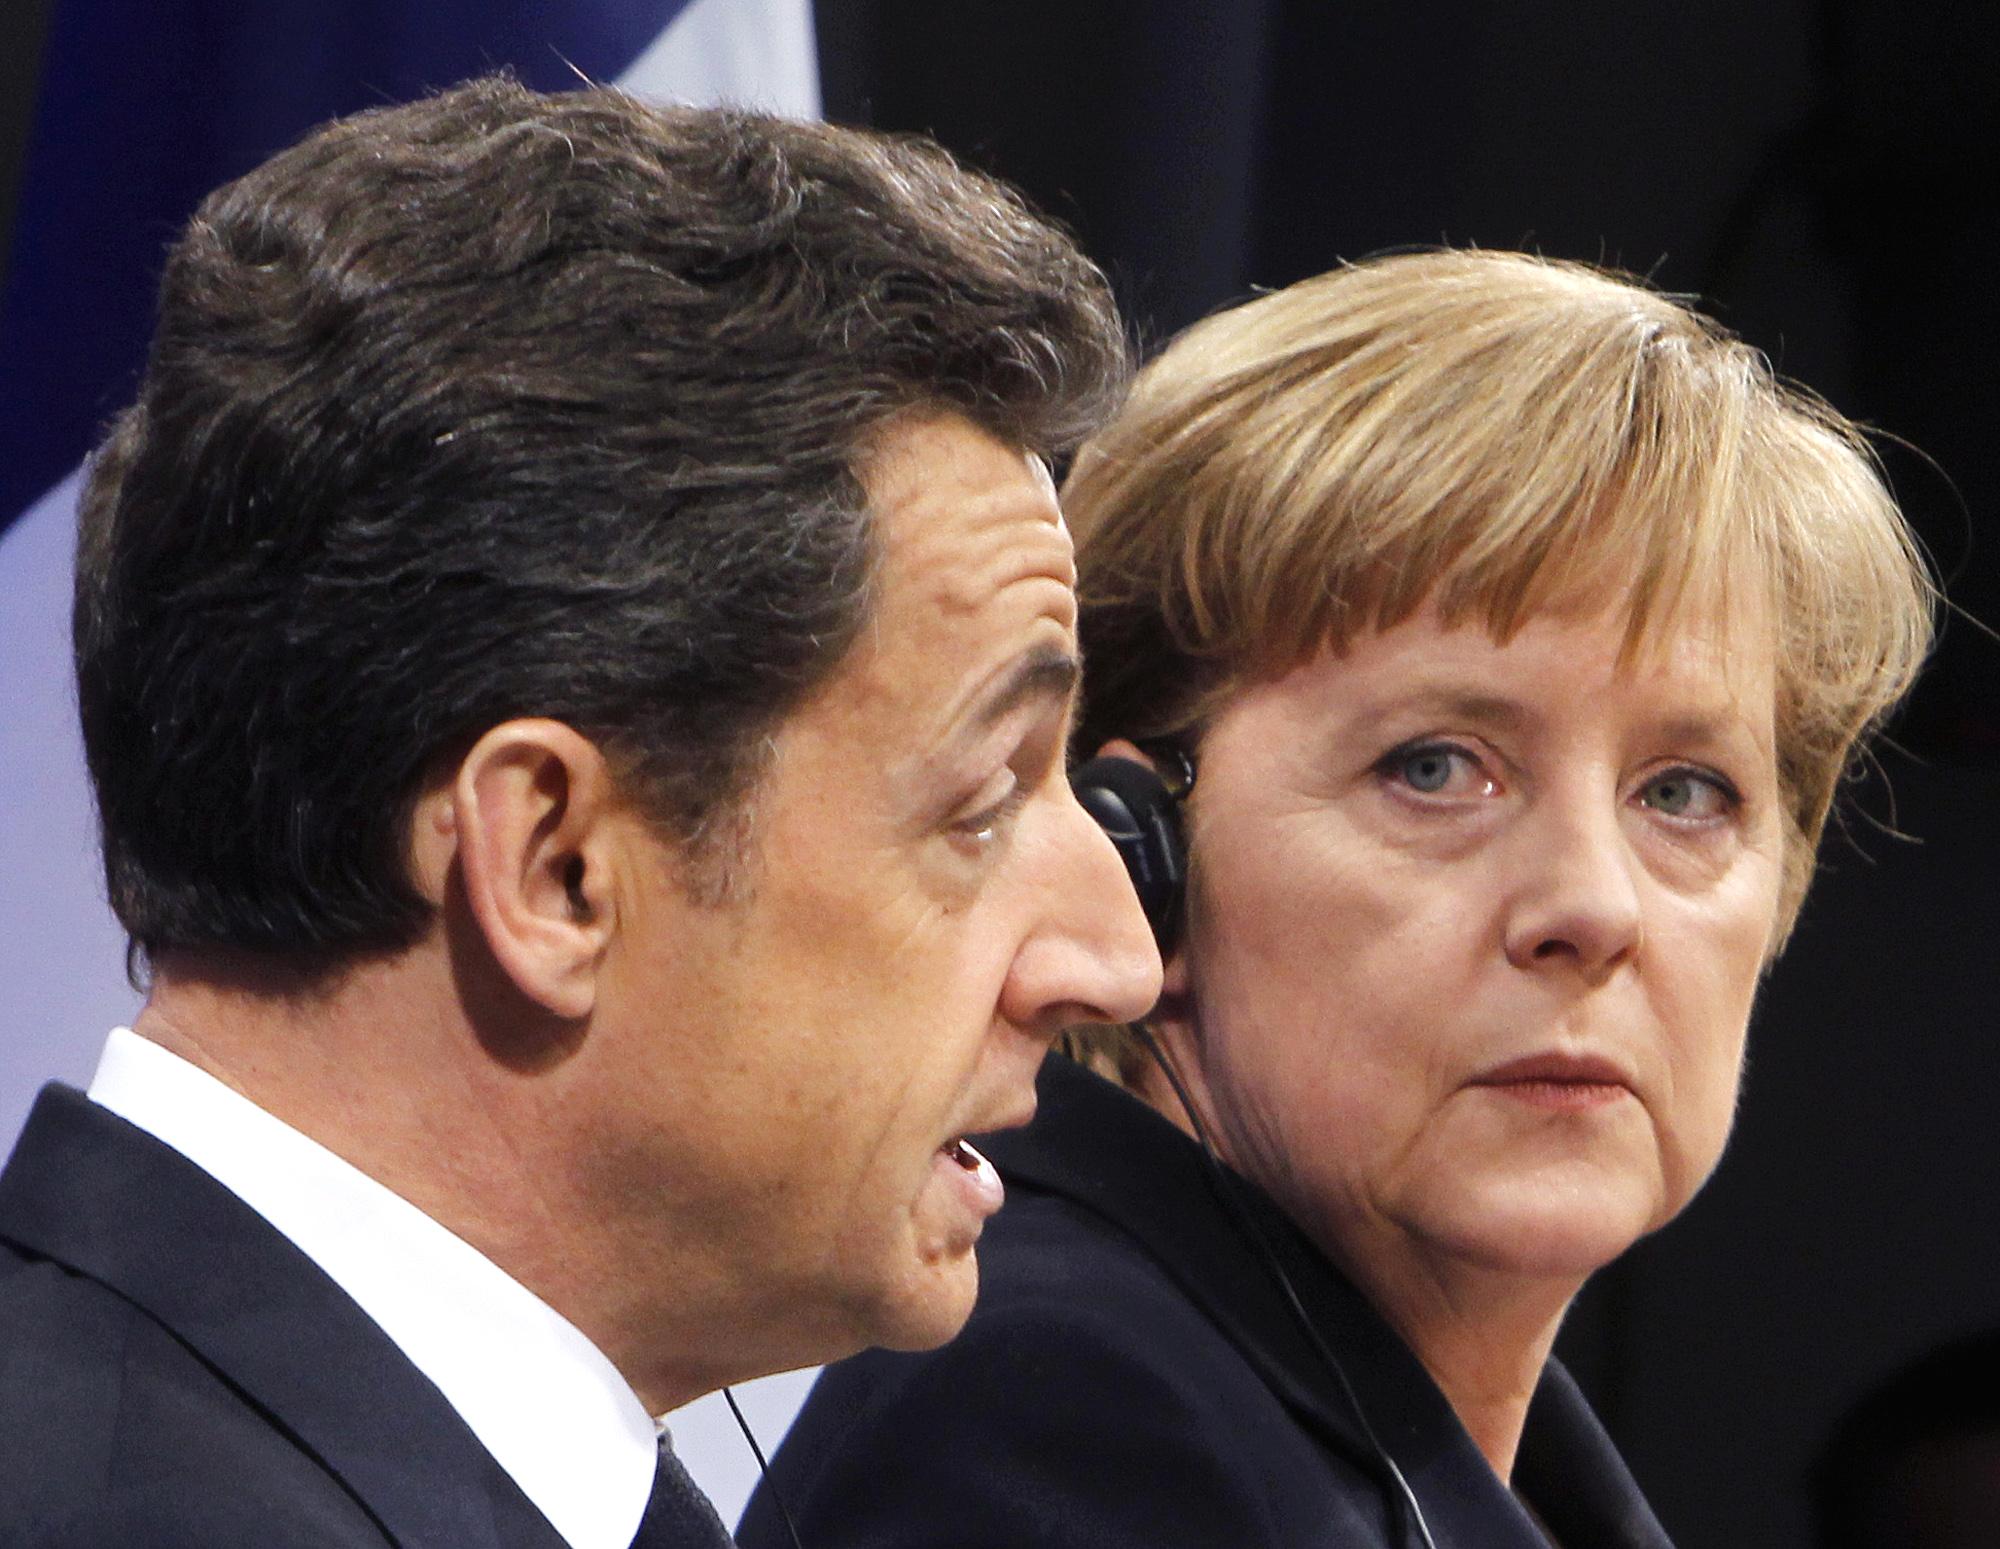 Οι Γερμανοί δεν εμπιστεύονται ούτε τη Μέρκελ ούτε τον Σαρκοζί για την επίλυση της κρίσης | tovima.gr